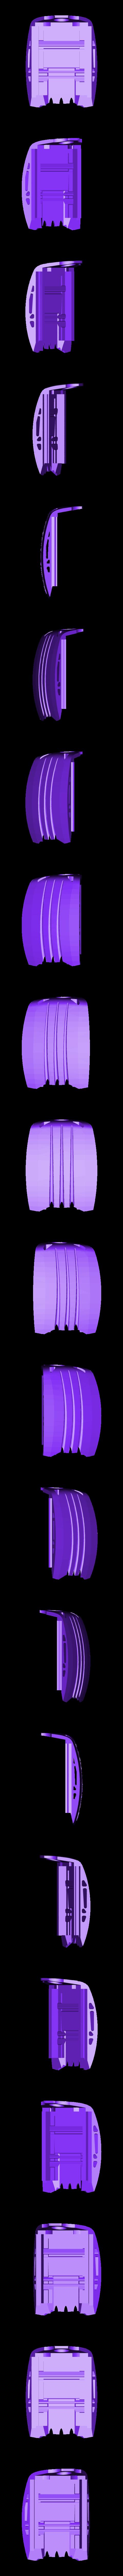 pi_shell.stl Download free STL file SMARS zero • 3D print template, Tuitxy